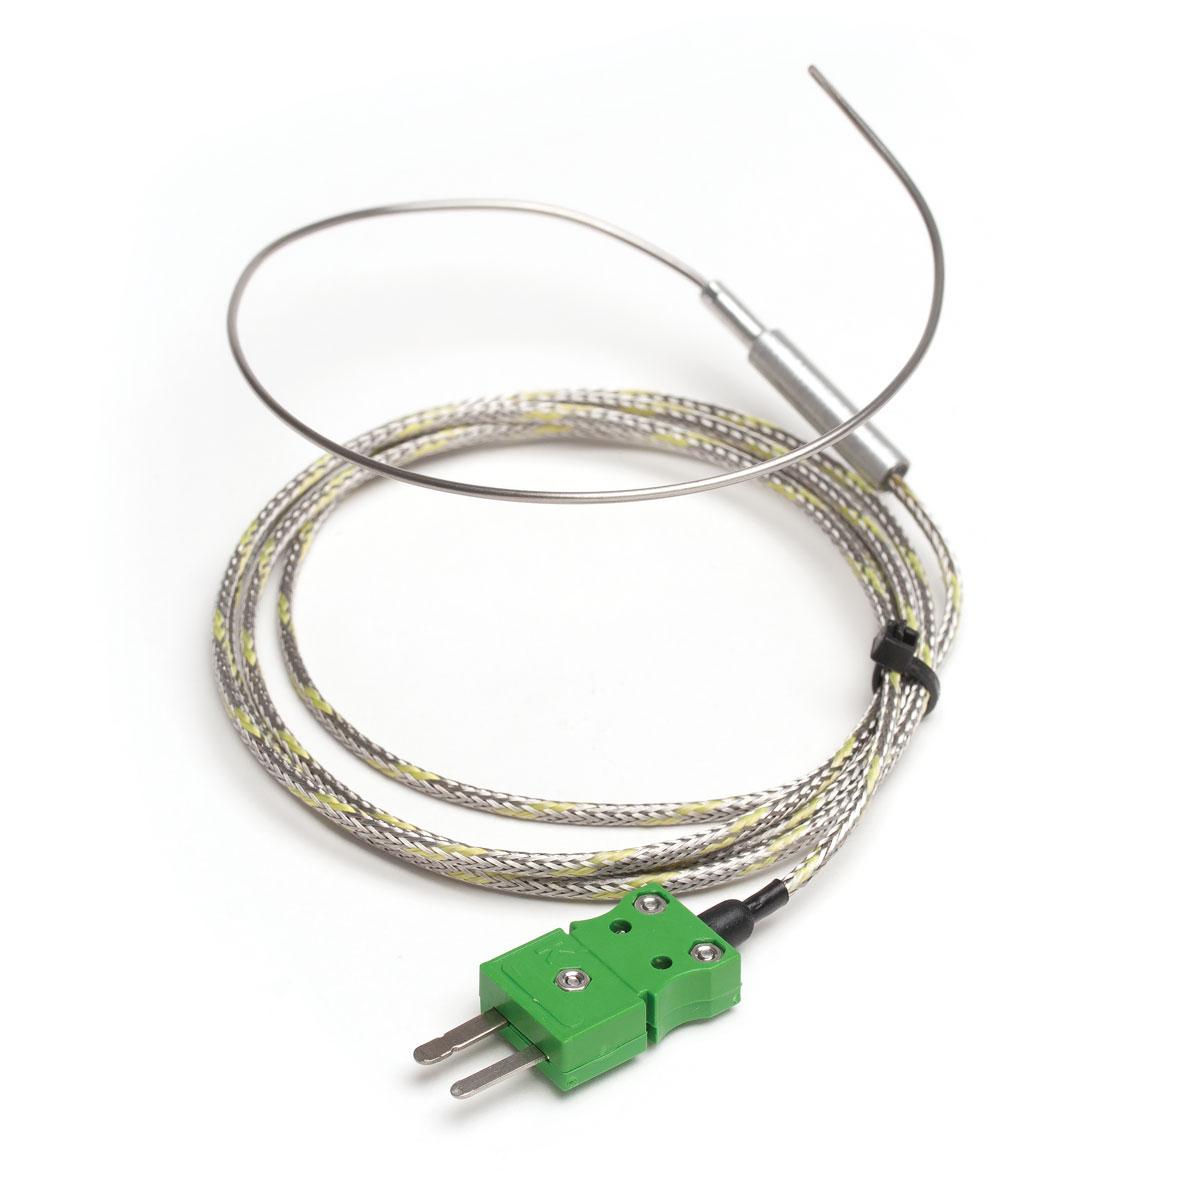 HI766F Sonda a termocoppia tipo K a guaina flessibile per alte temperature